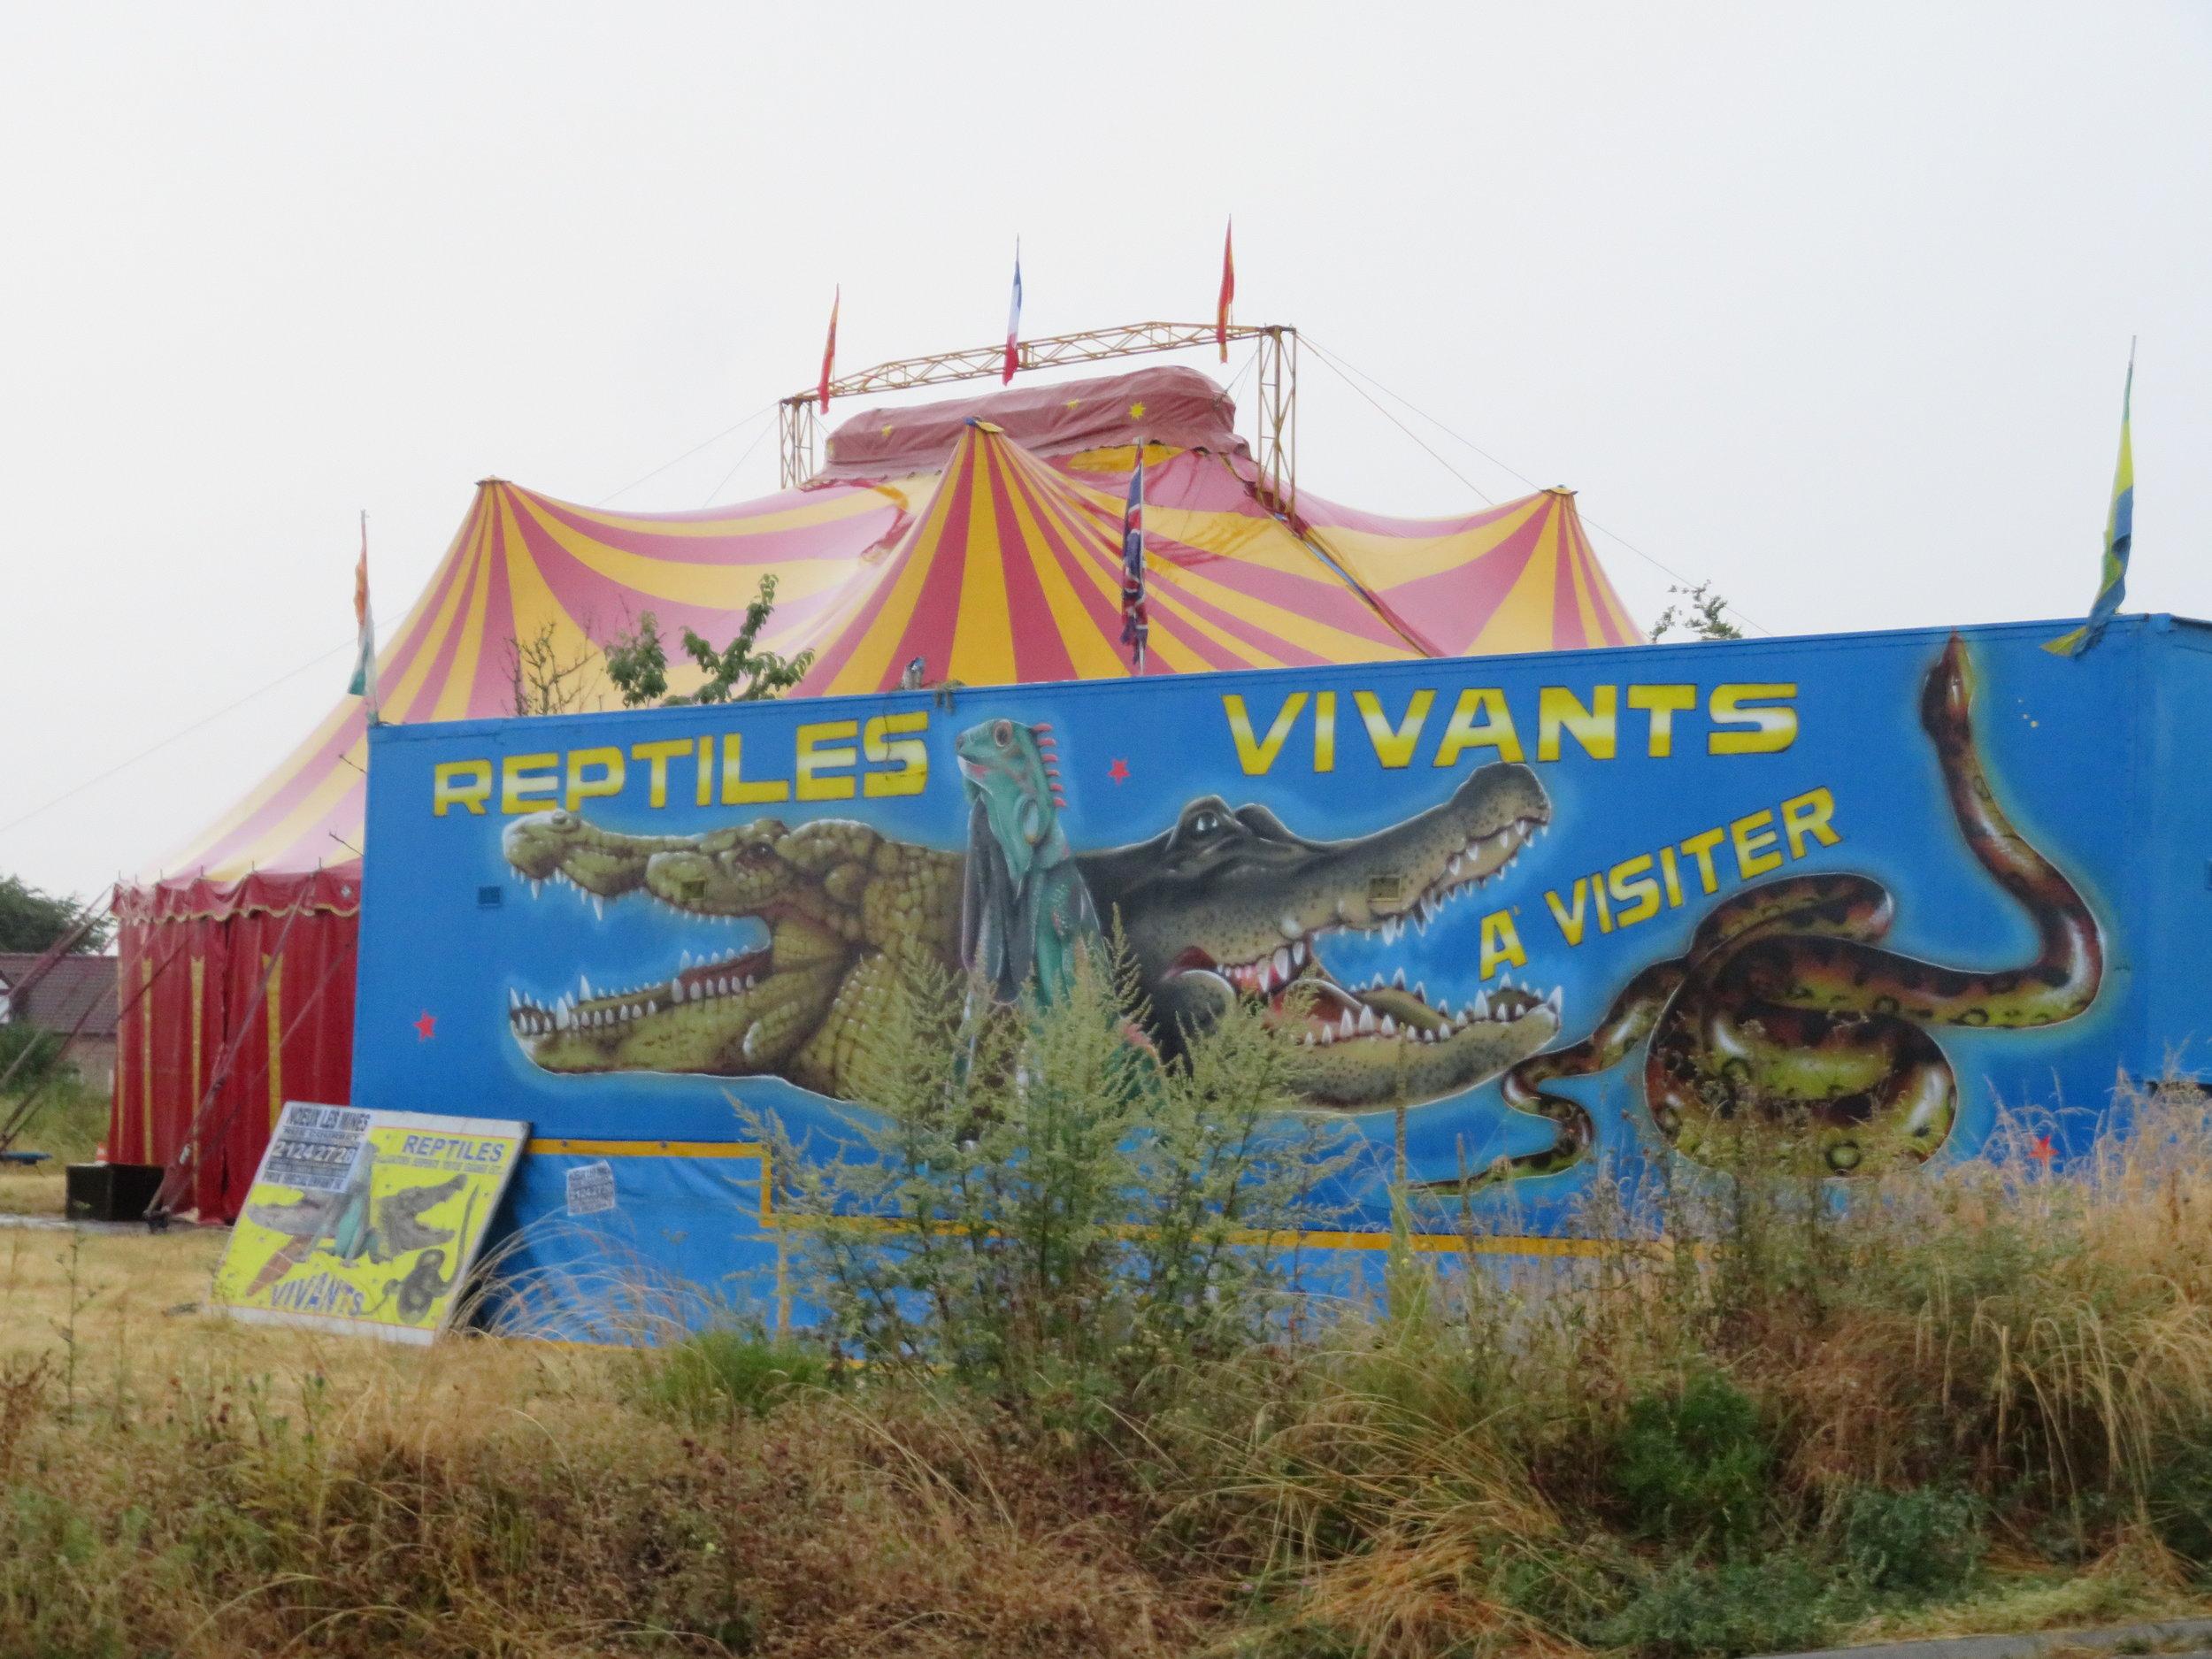 snakes & tortoises...